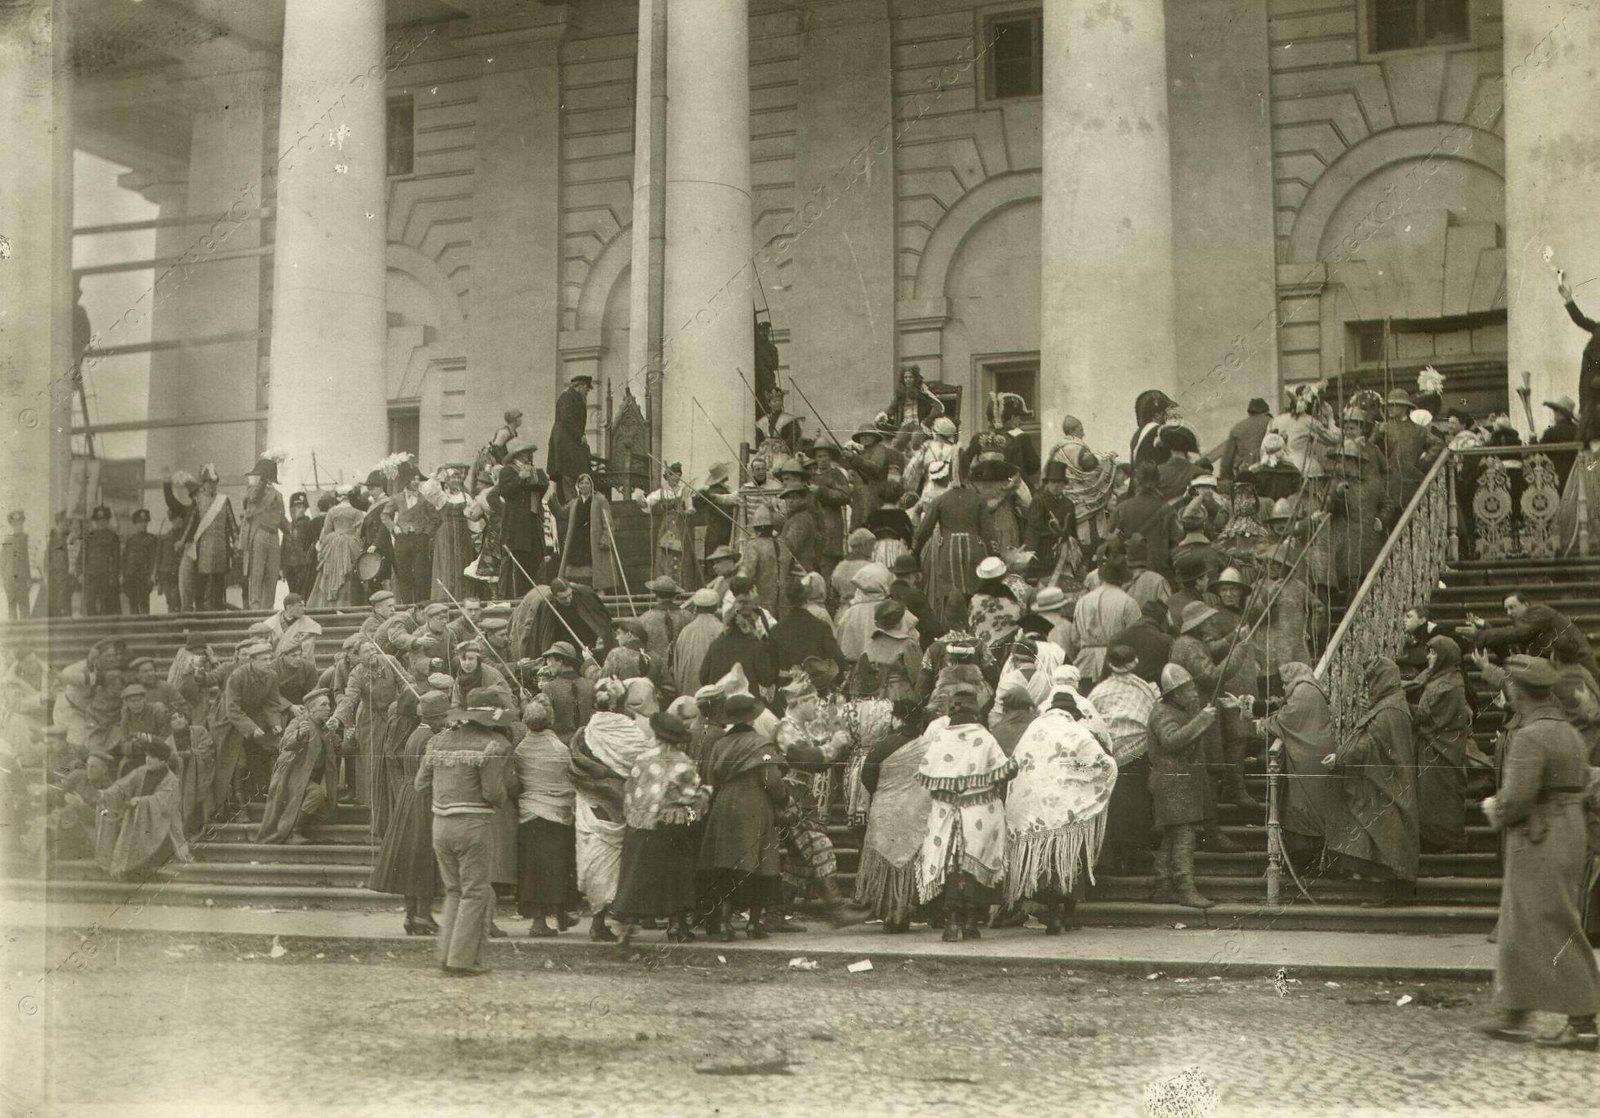 1920. Сцены из спектакля Освобожденный труд. Мистерия поставлена 1 Мая у Фондовой Биржи (1)